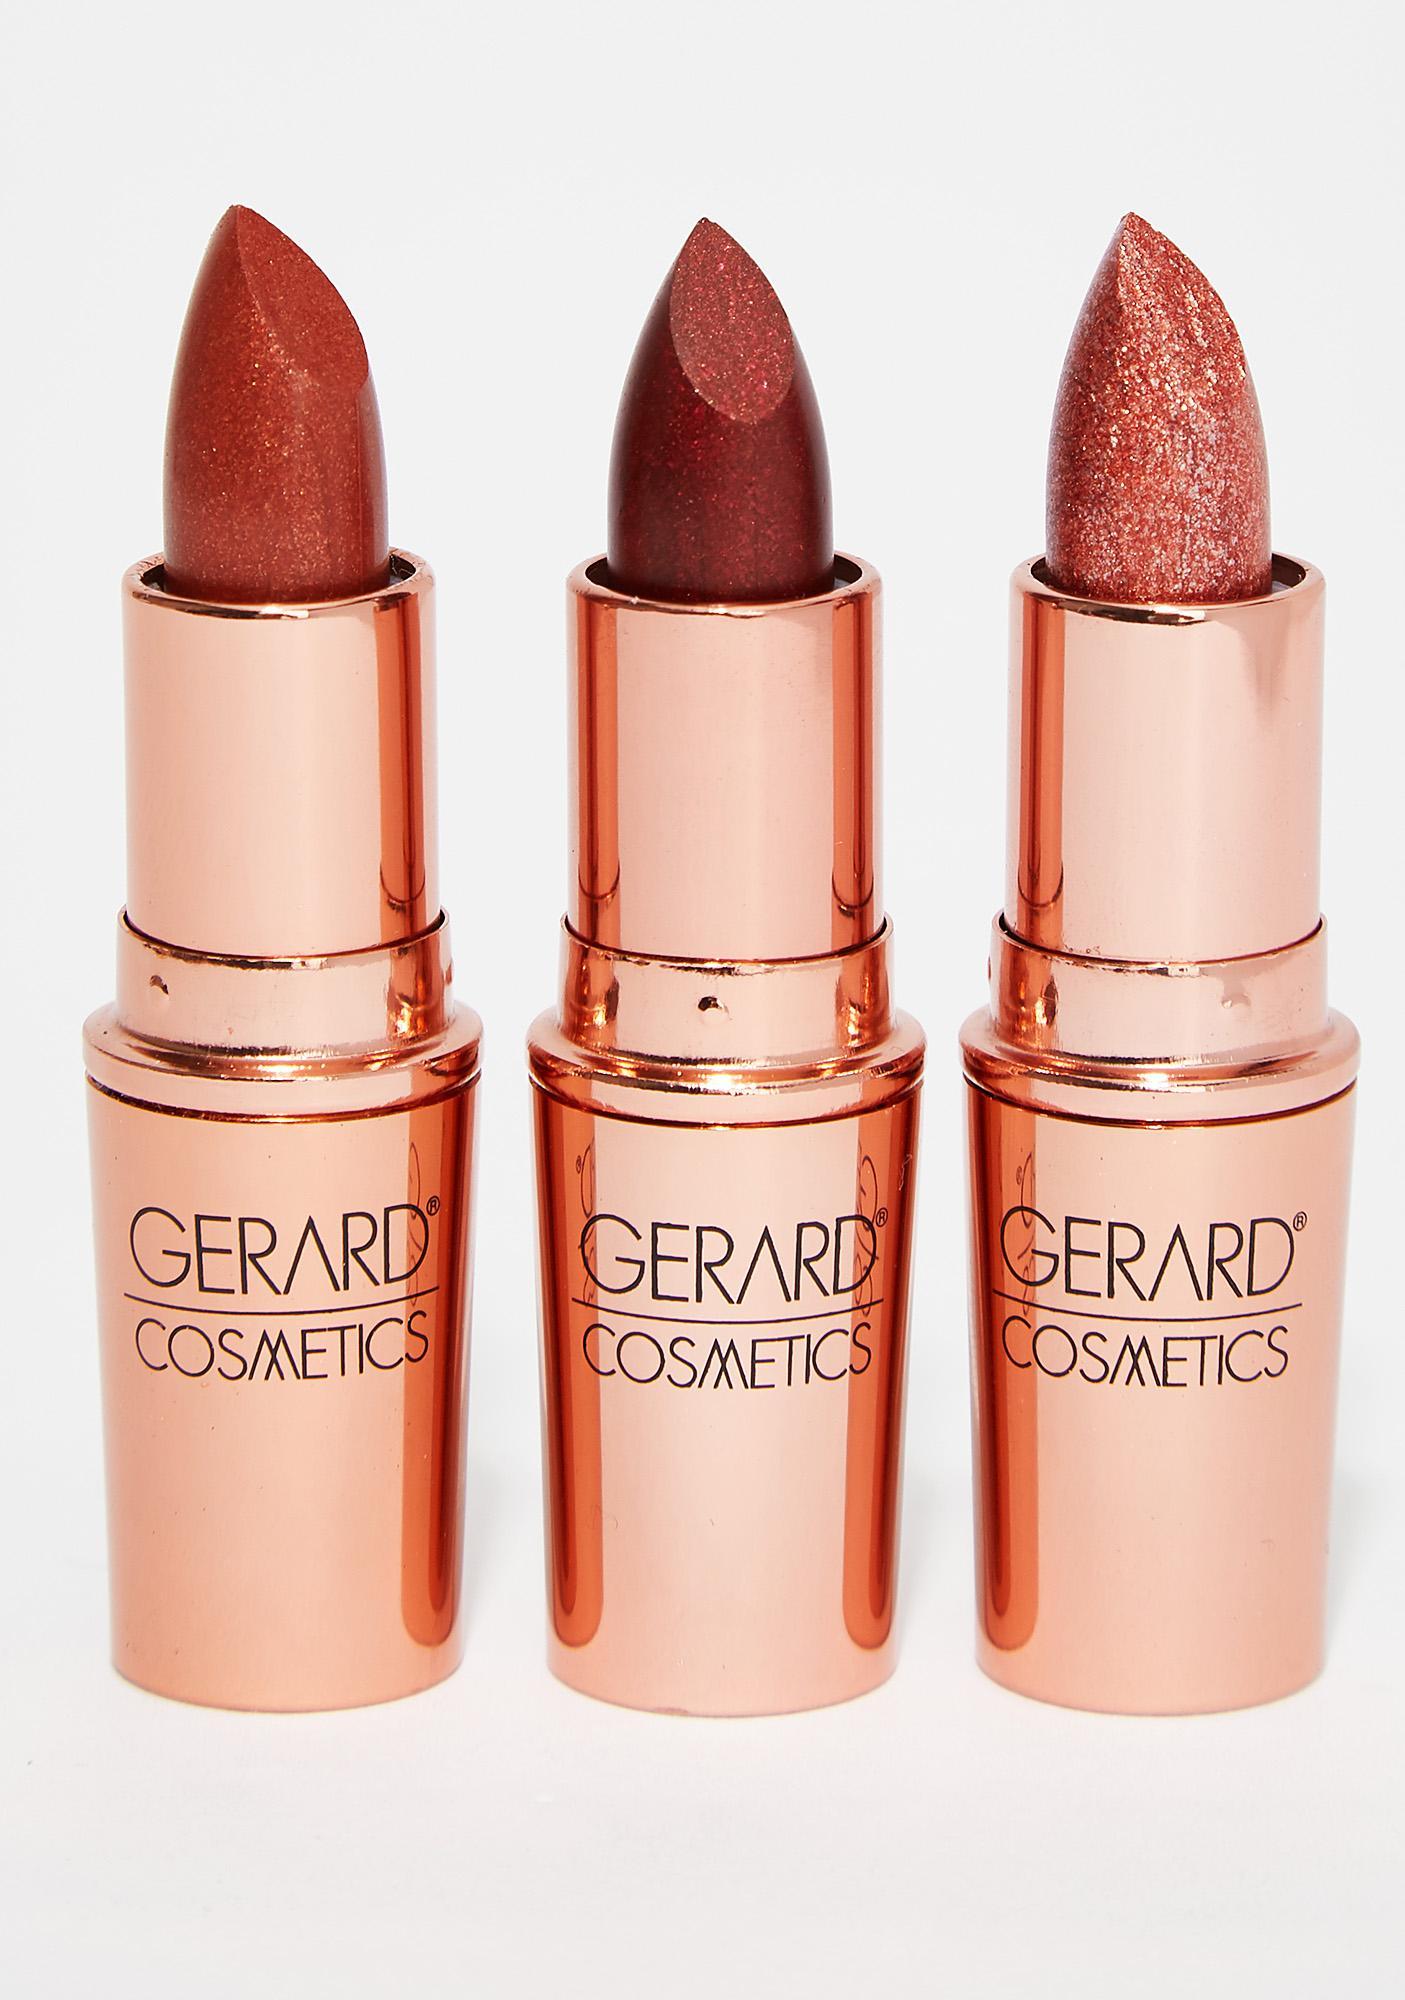 Gerard Cosmetics All Access Glitter Lipstick